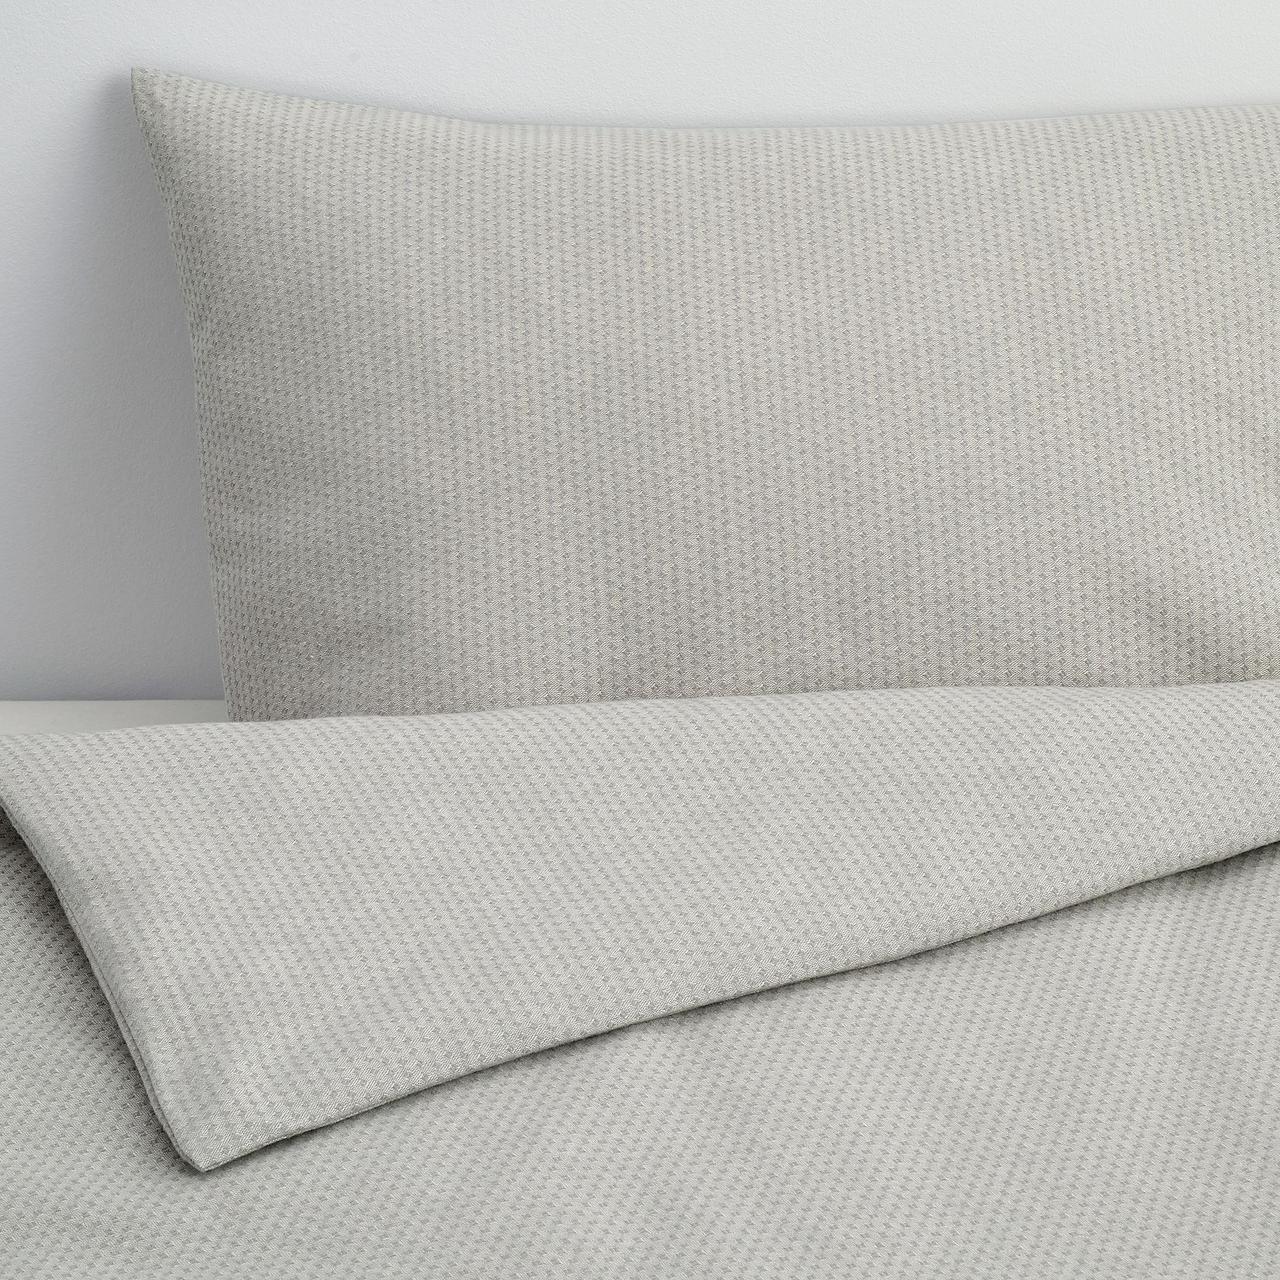 Комплект постельного белья IKEA ÄNGSLILJA 150x200/50x60 см серый 604.484.22